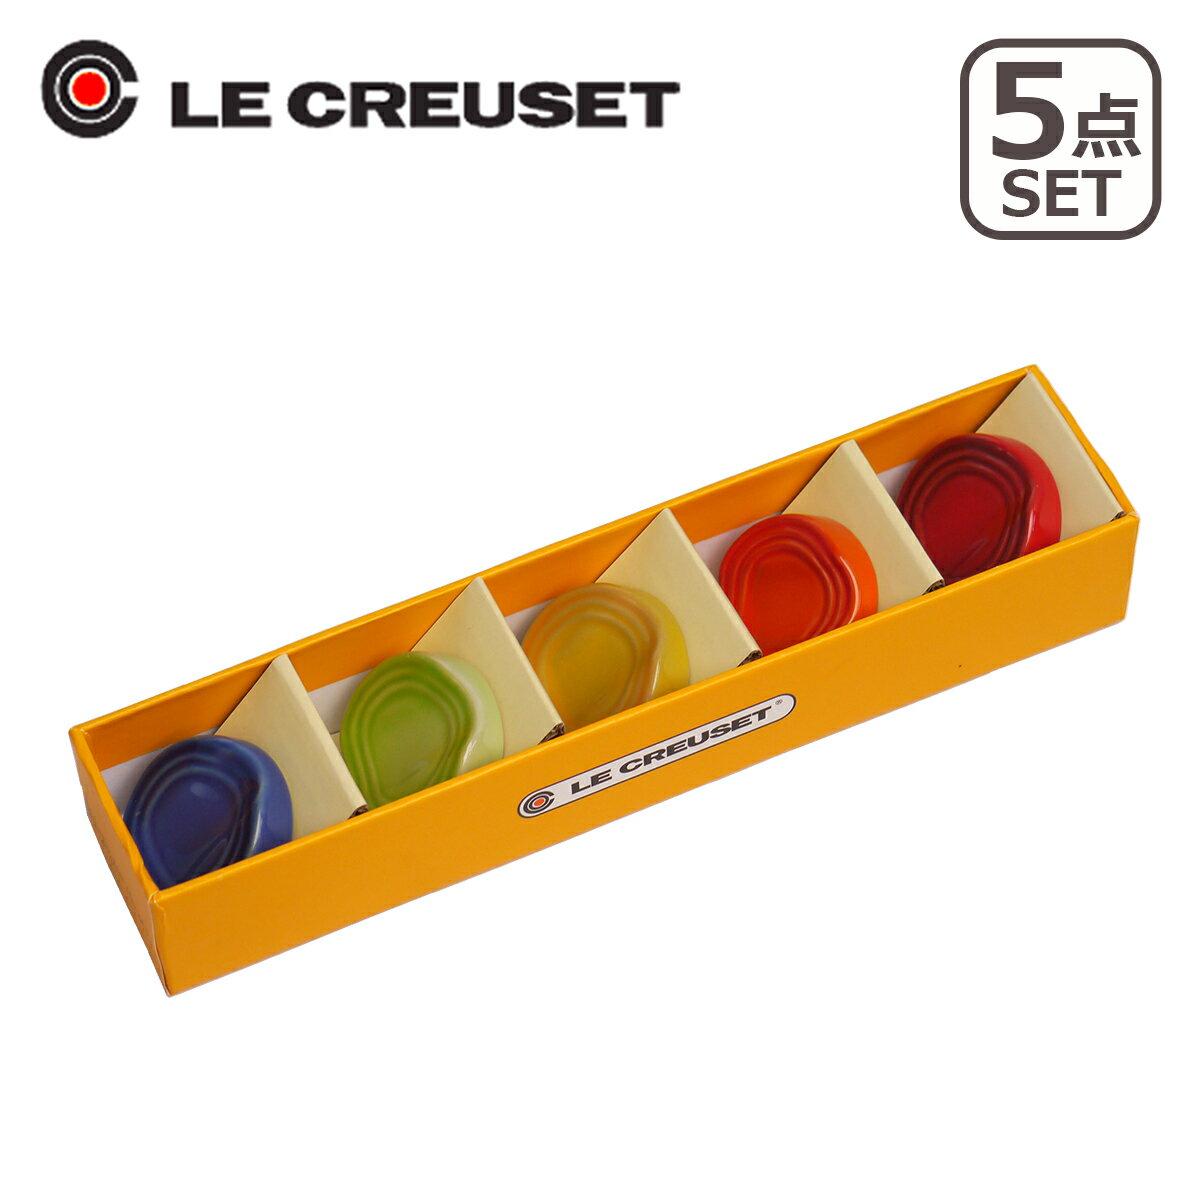 ルクルーゼ (ル・クルーゼ) チョップスティック レスト(箸置き) 5色セット(ブルー・グリーン・イエロー・オレンジ・レッド) Le Creuset ギフト可